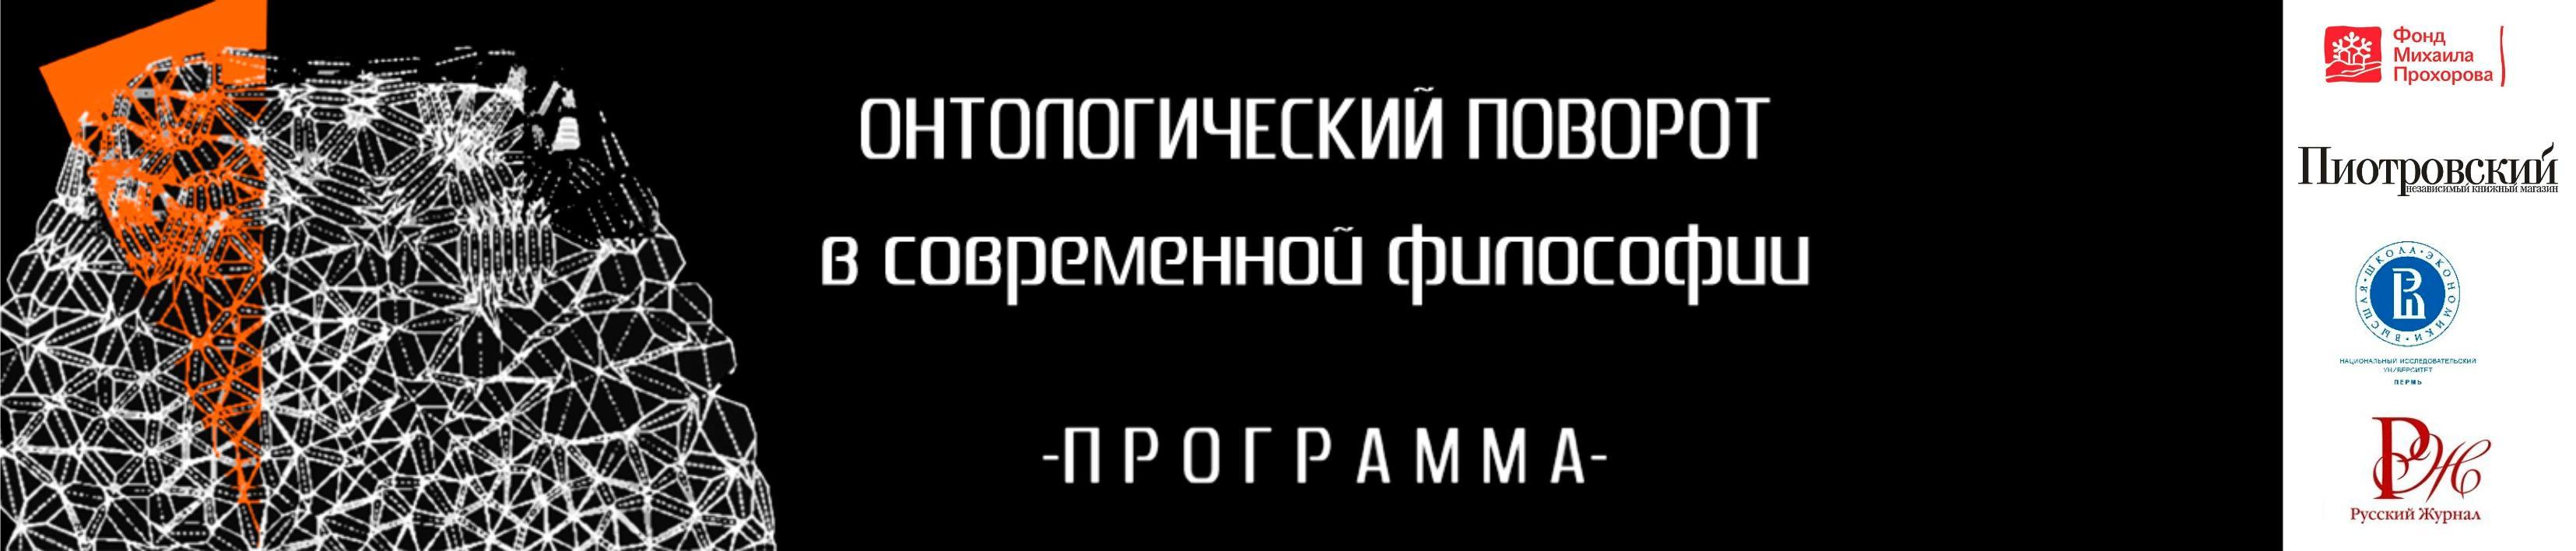 227.02 КБ